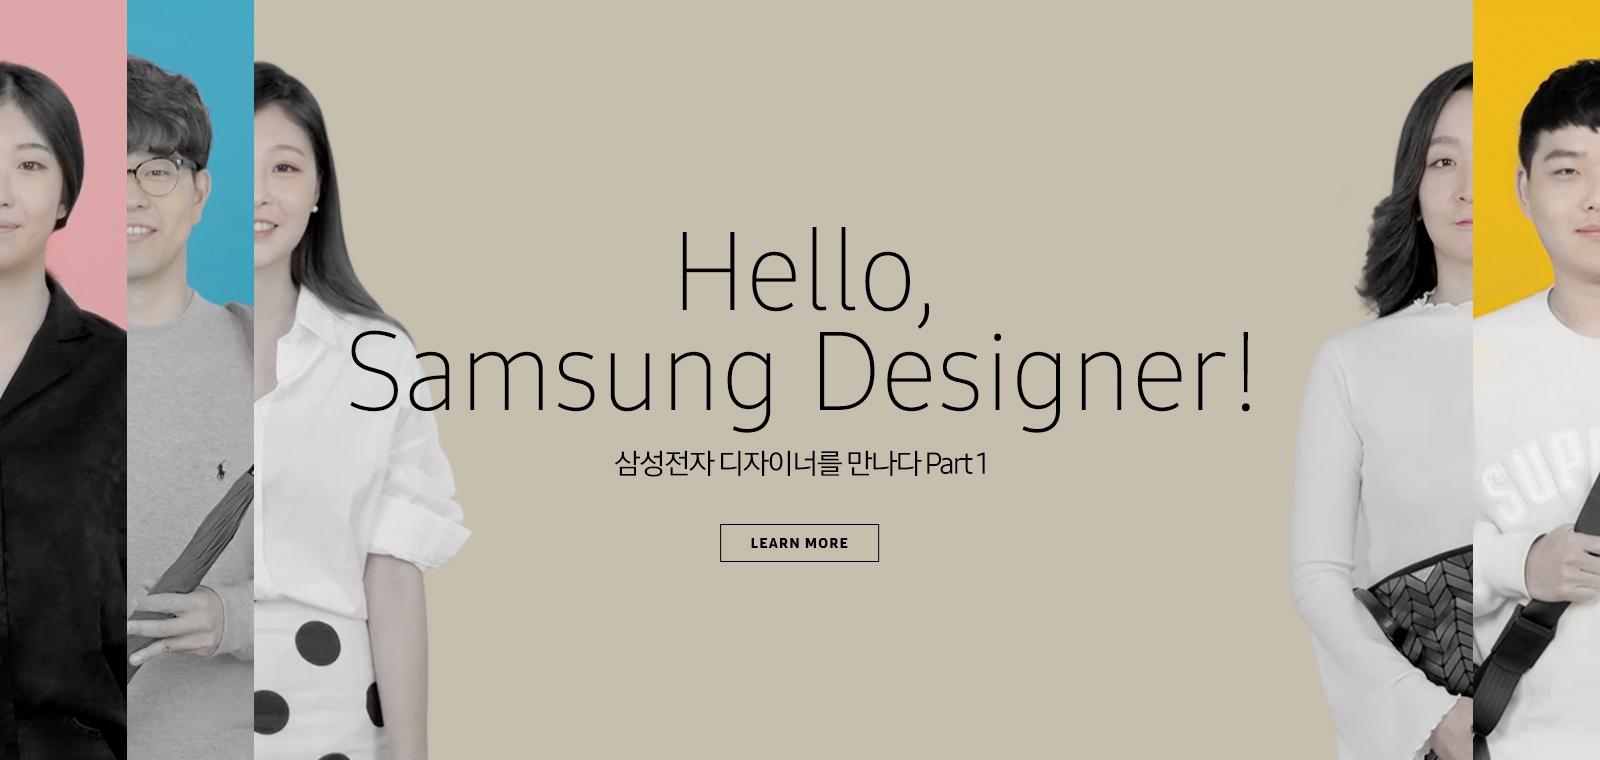 design samsung